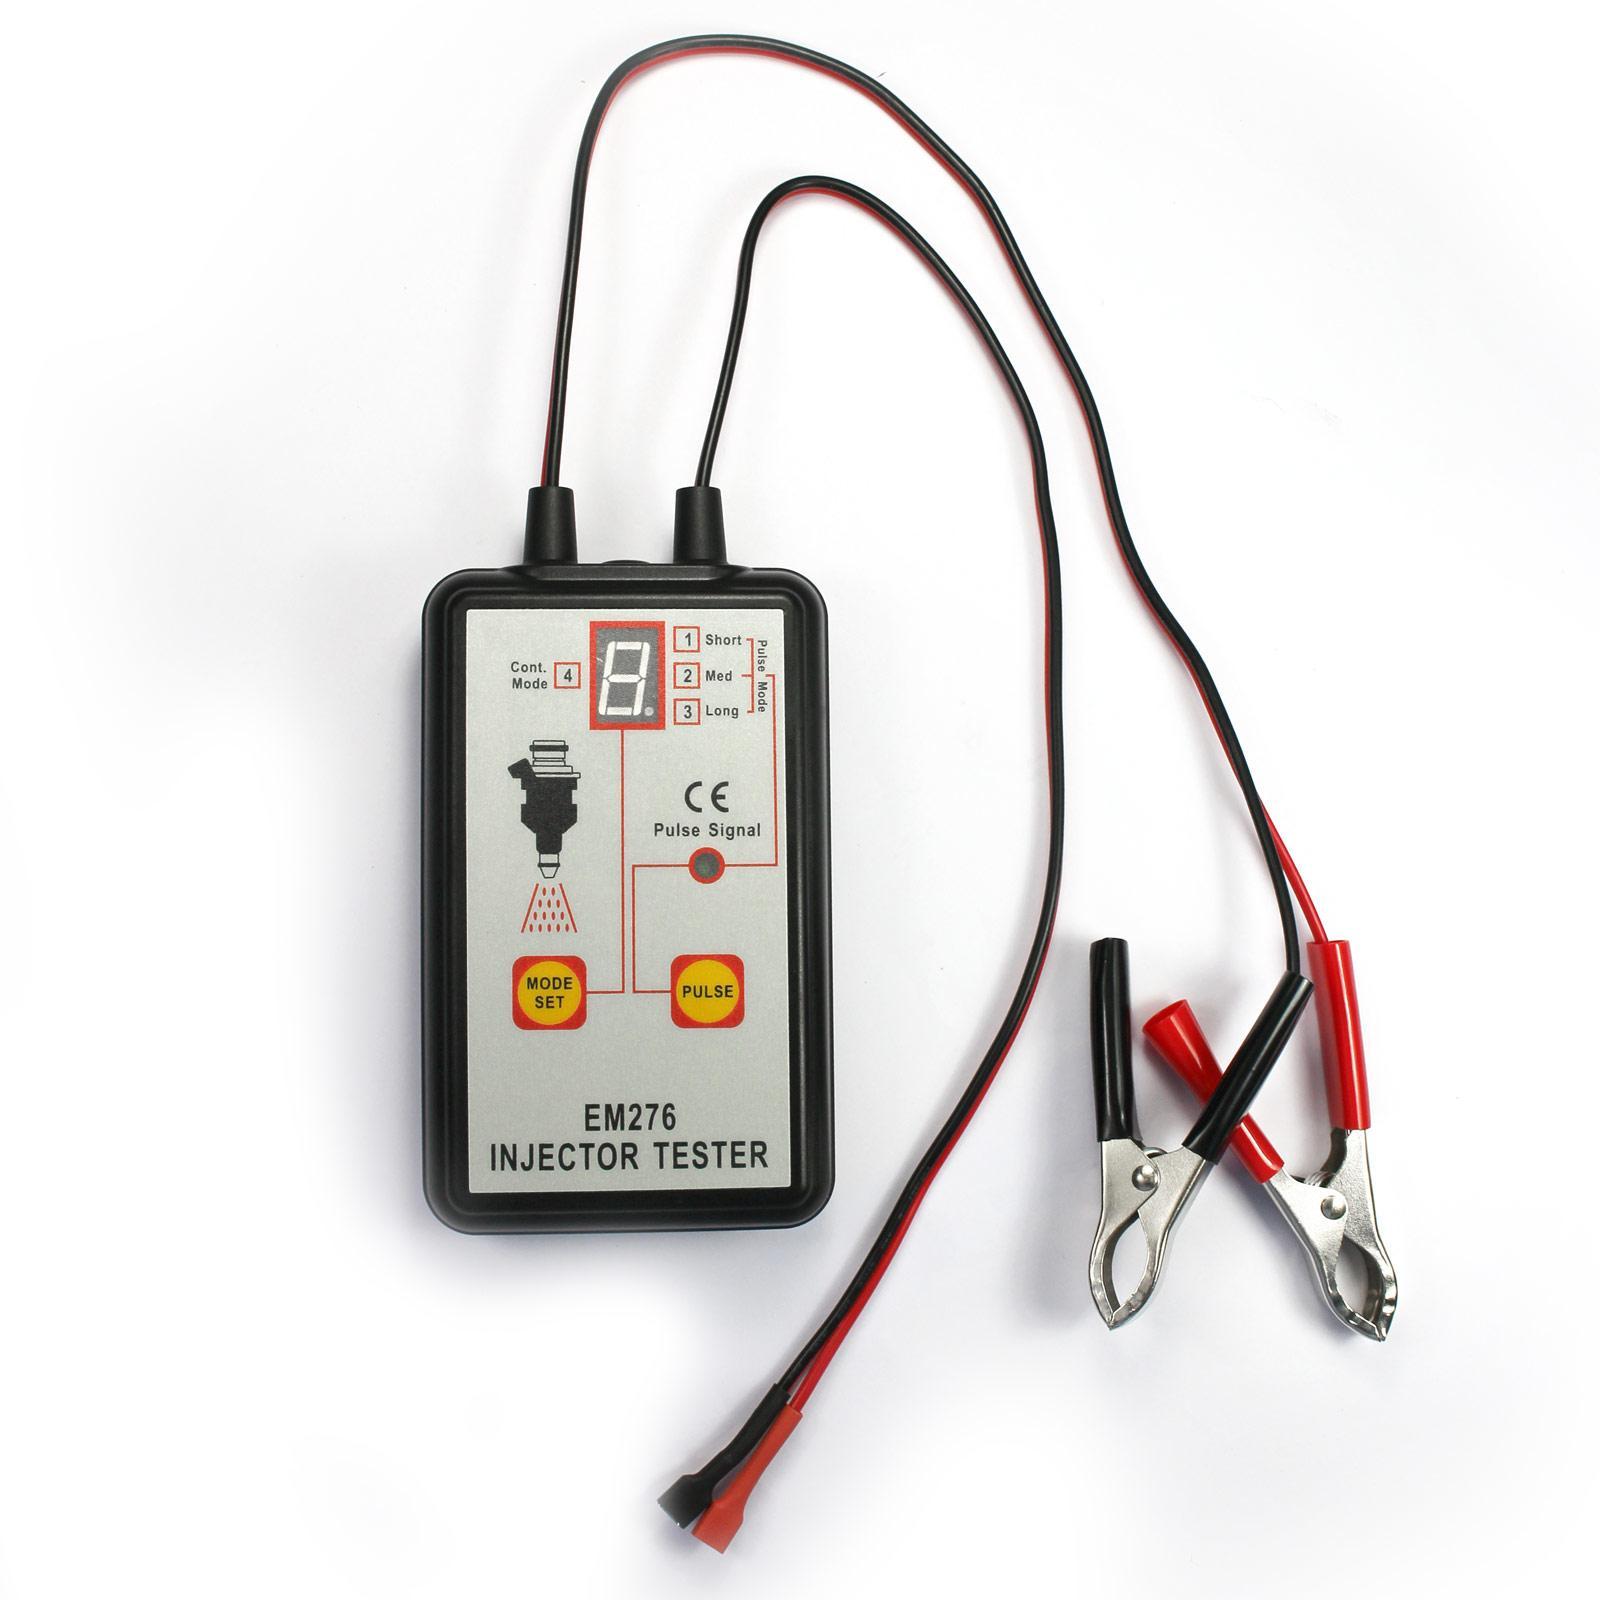 Professionale dell'iniettore di combustibile Tester 4 impulsi Modalità Auto Injector auto strumento rilevatore 12V Impianto di alimentazione ugello diagnosi dello strumento All-Sun EM276